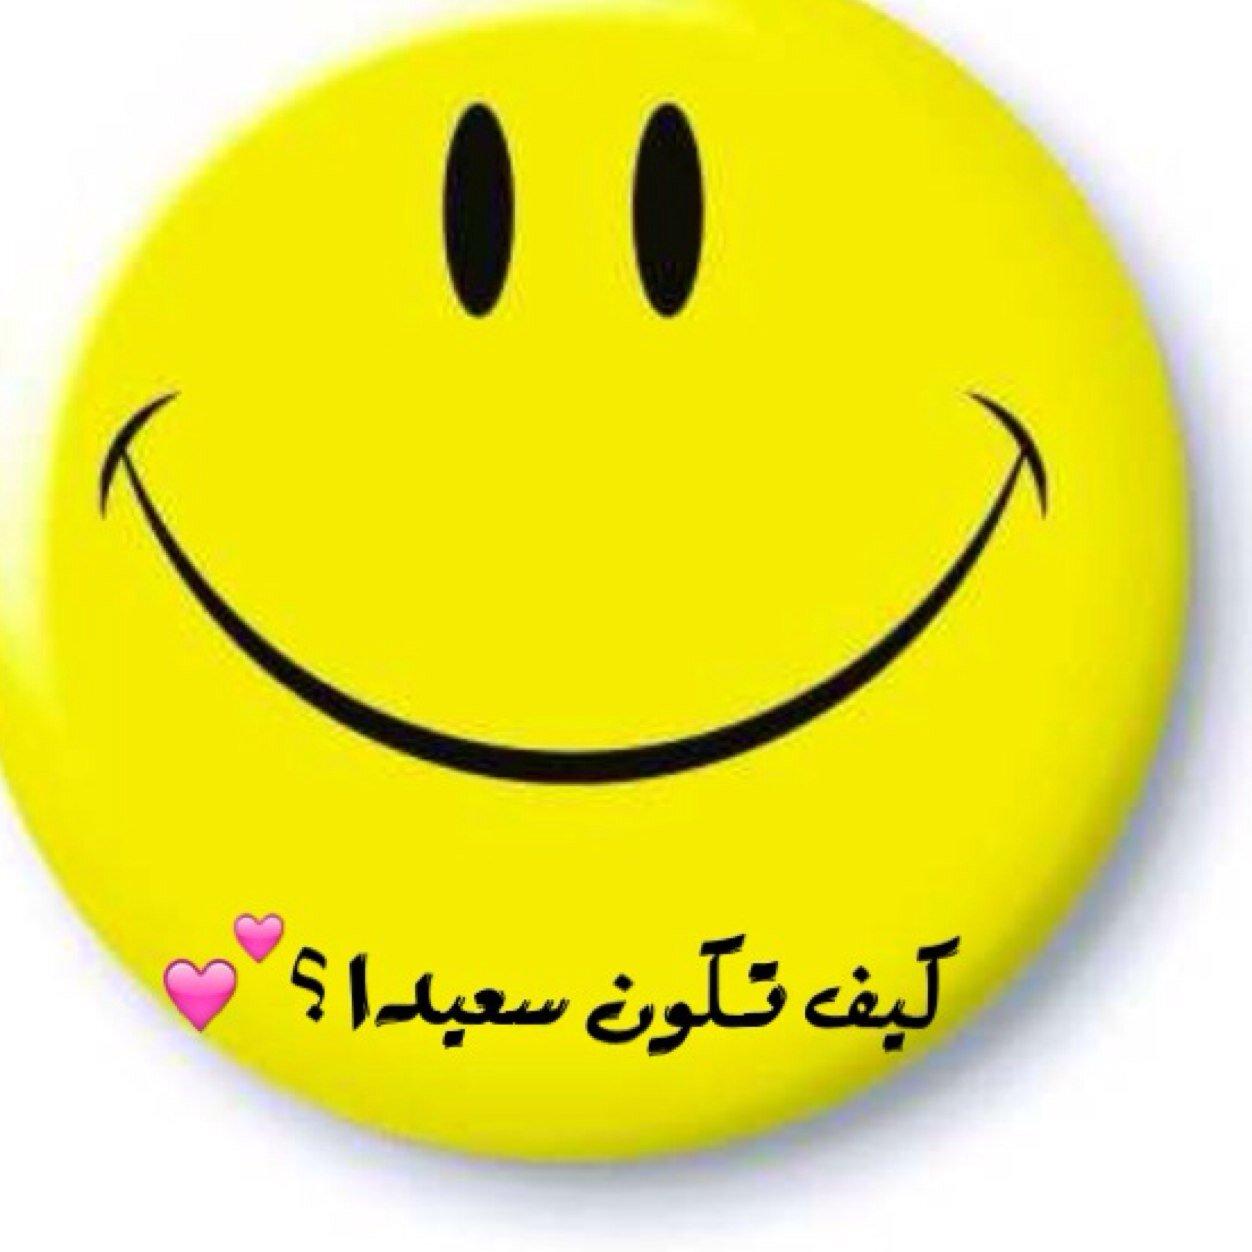 صور كيف تكون سعيدا , اسباب تحقيق السعادة